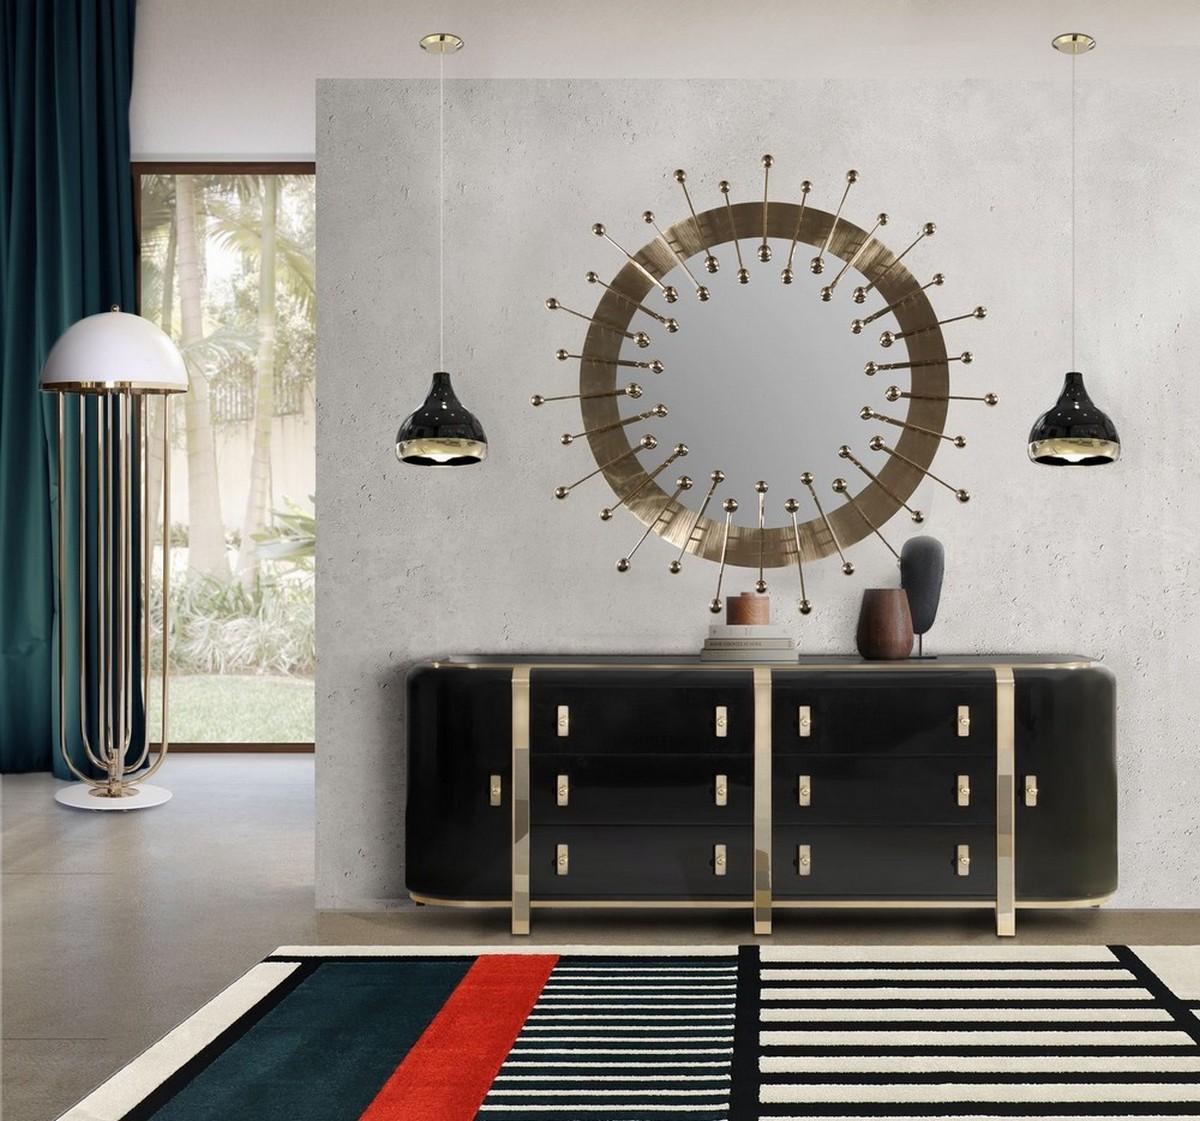 Diseño de Interiores: Ideas de Muebles de medio-siglo para un proyecto lujuoso diseño de interiores Diseño de Interiores: Ideas de Muebles de medio-siglo para un proyecto lujuoso 2